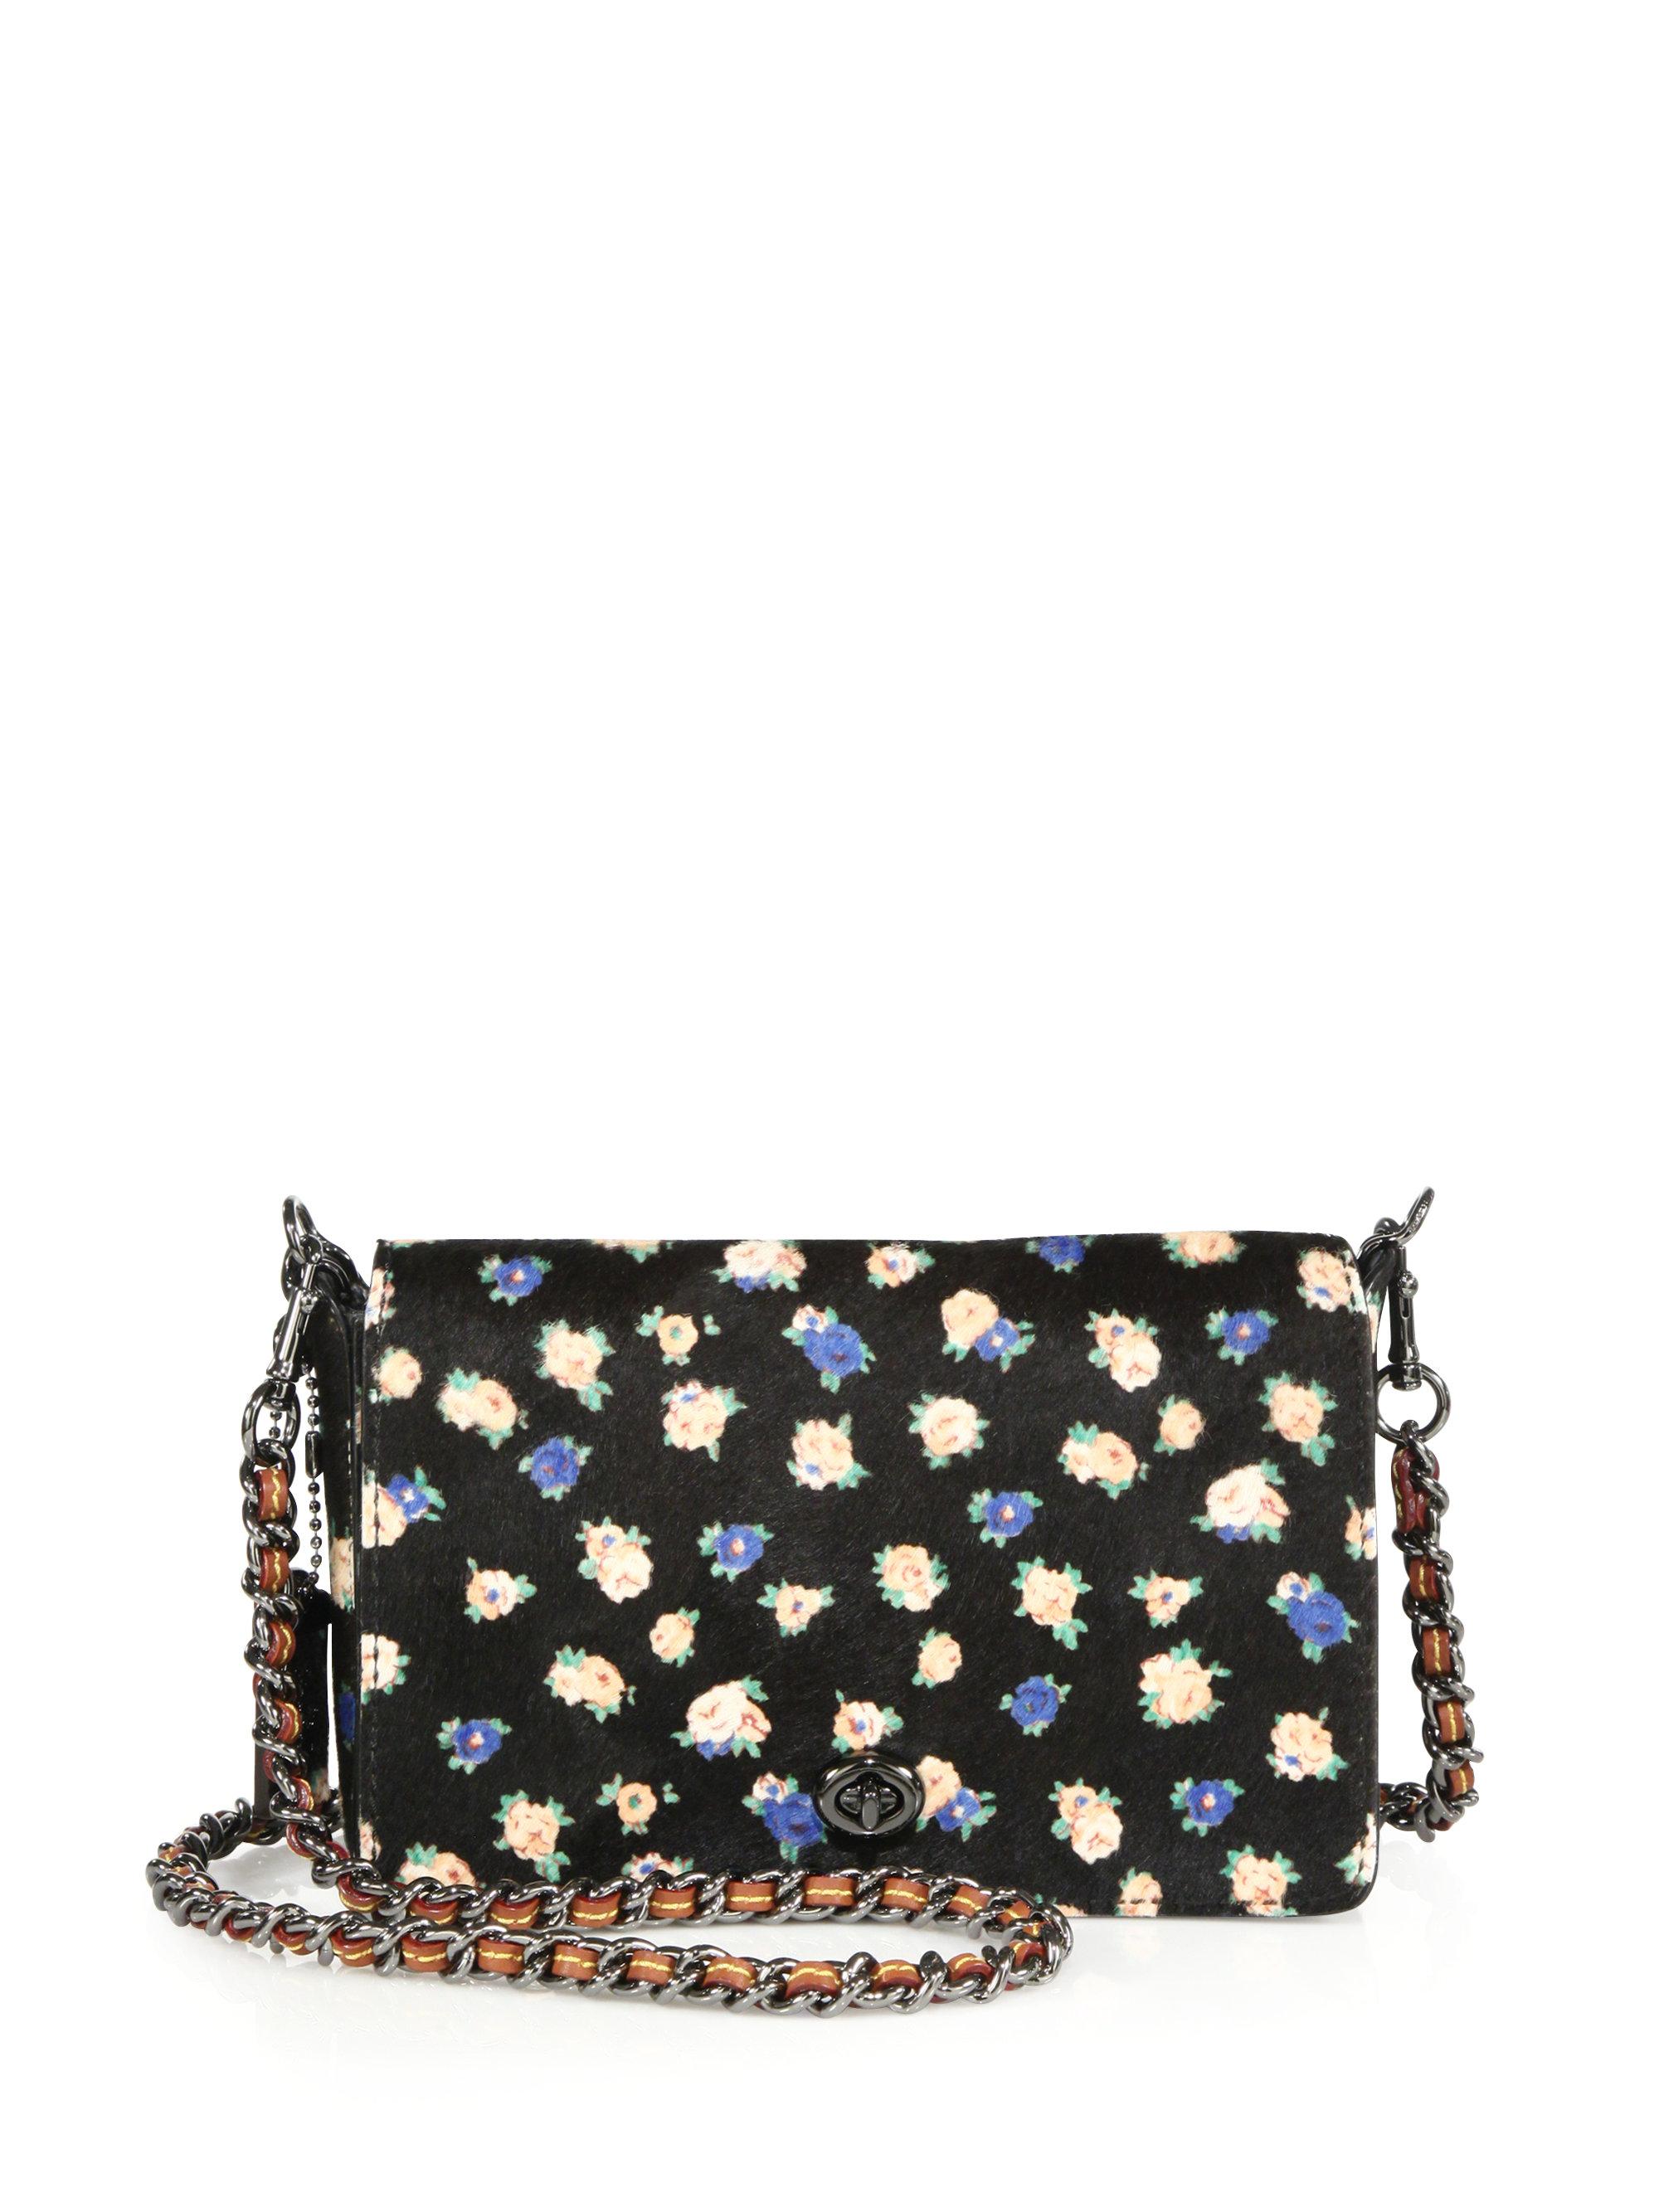 Lyst - COACH Dinky 24 Floral-print Calf Hair Crossbody Bag in Black 426ad74d0fcea